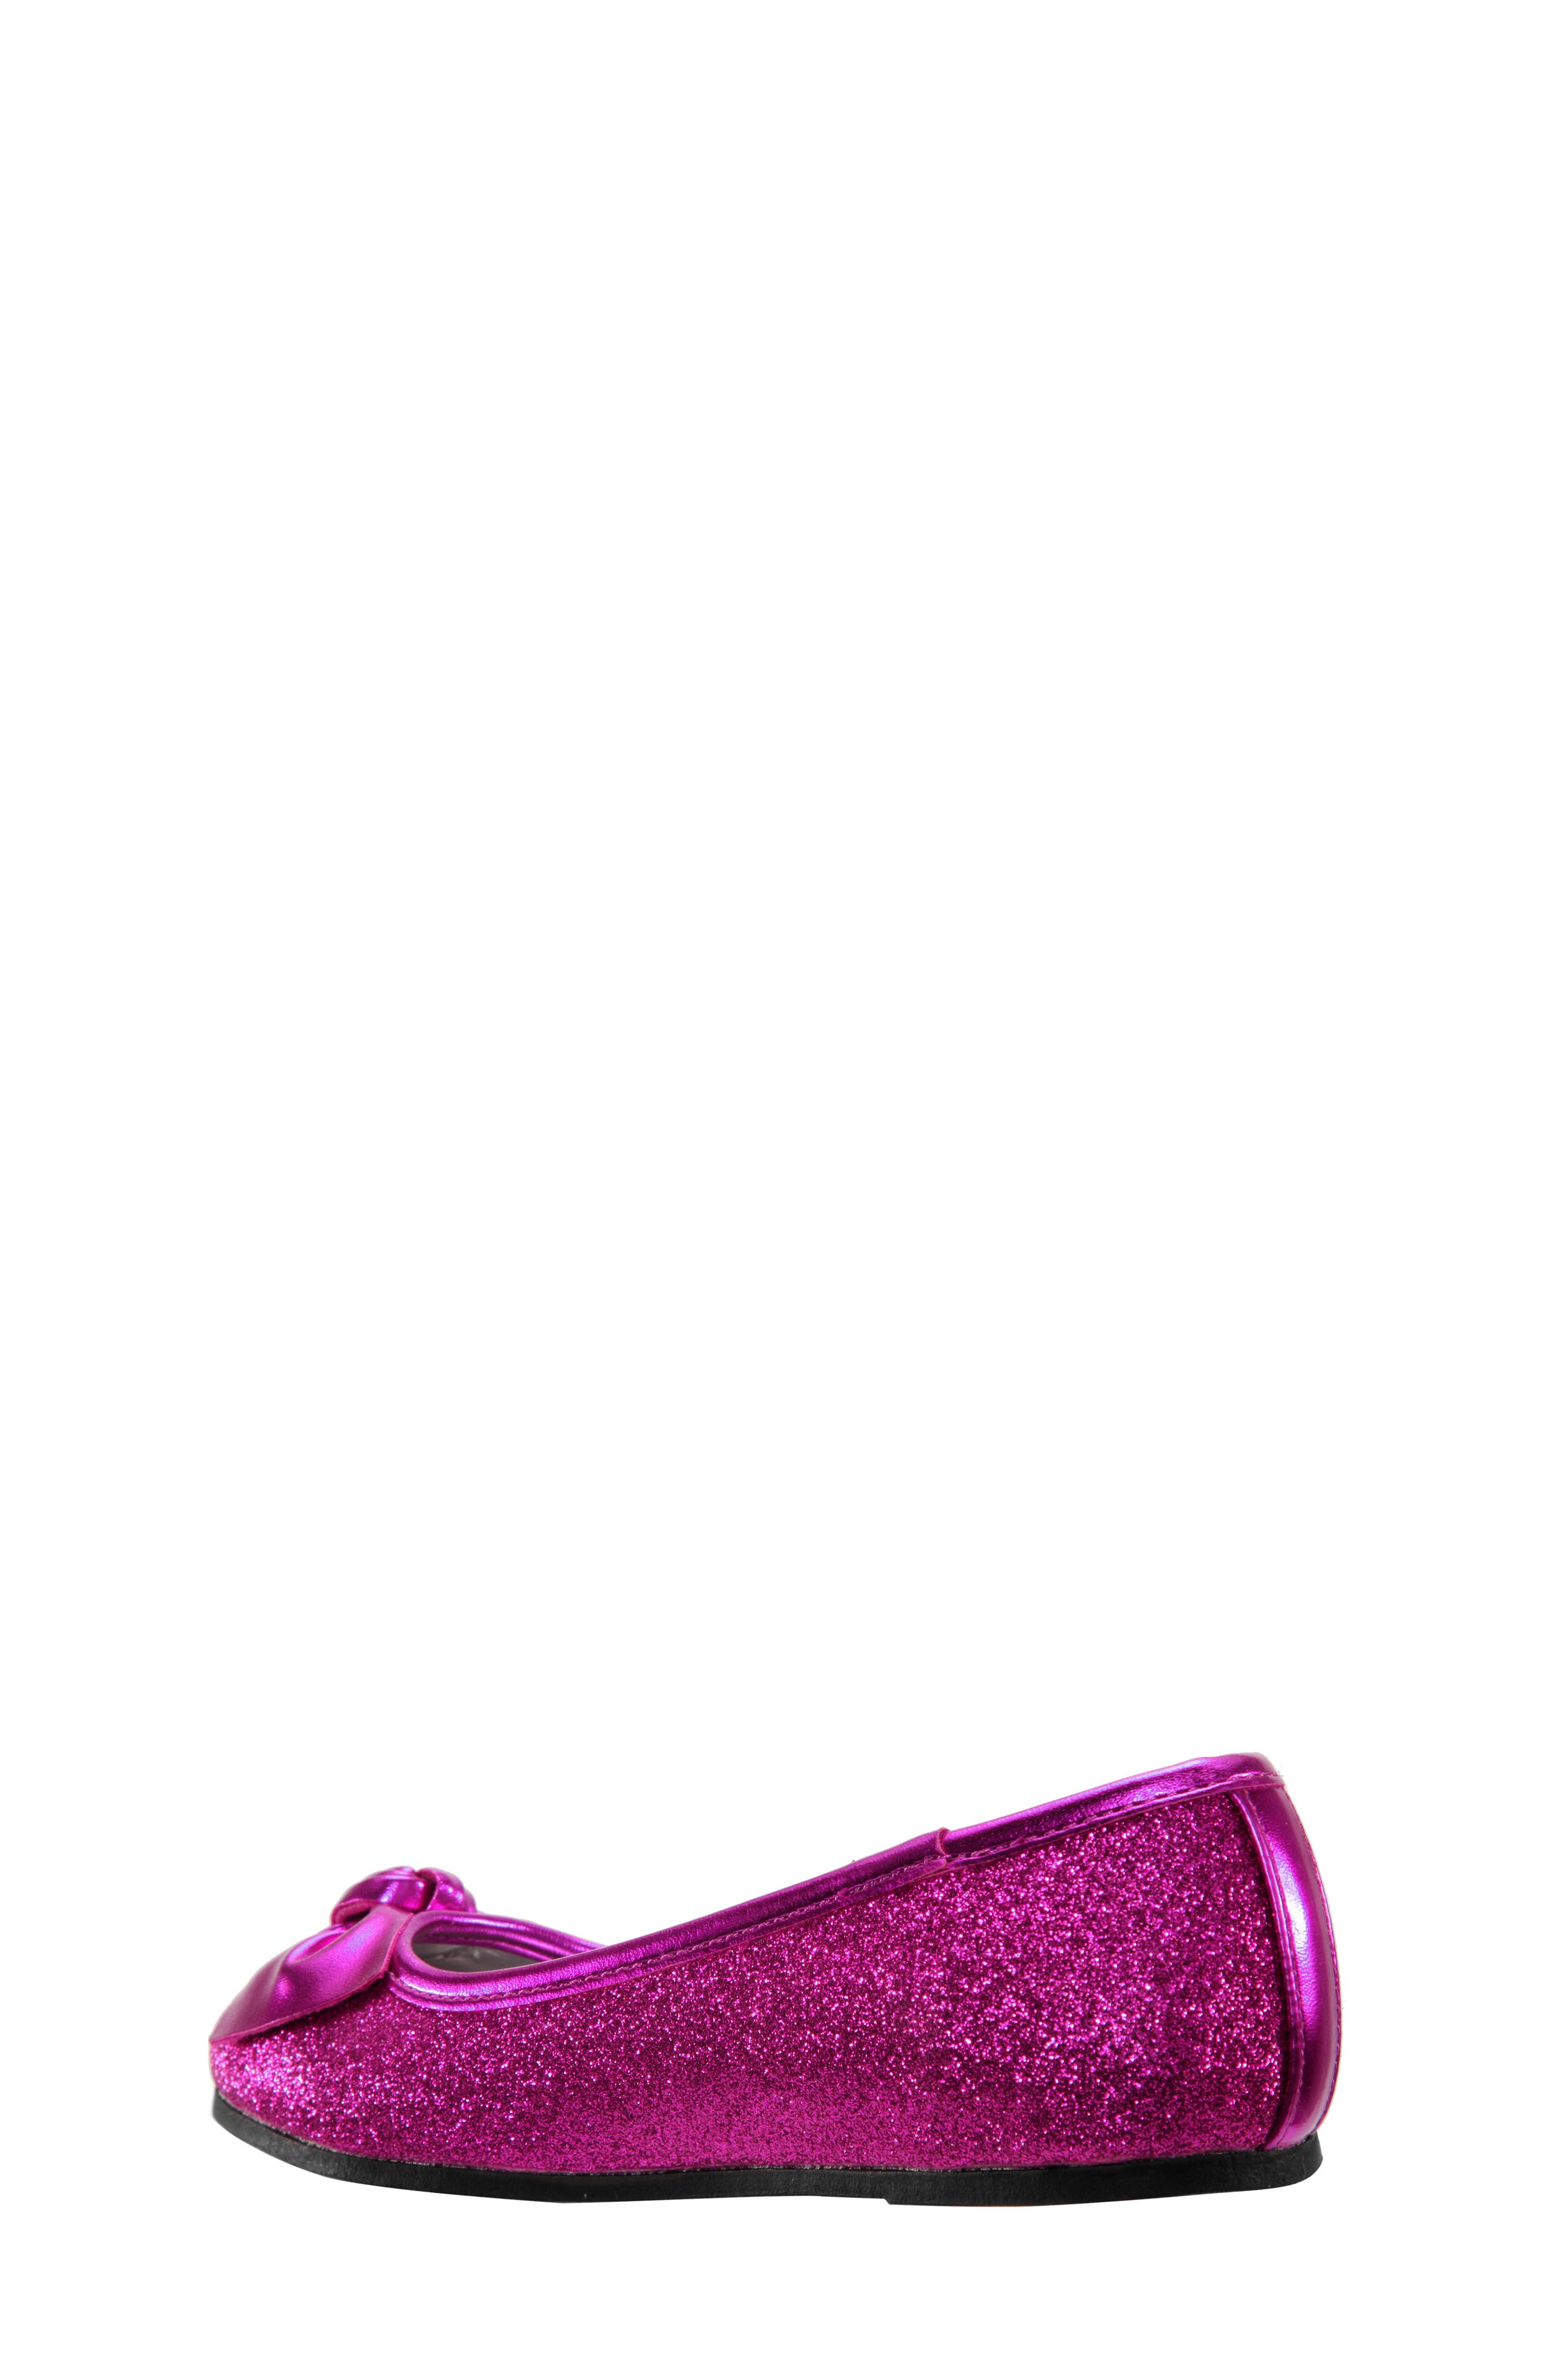 Larabeth Glitter Ballet Flat,                             Alternate thumbnail 4, color,                             Berry Metallic/ Glitter